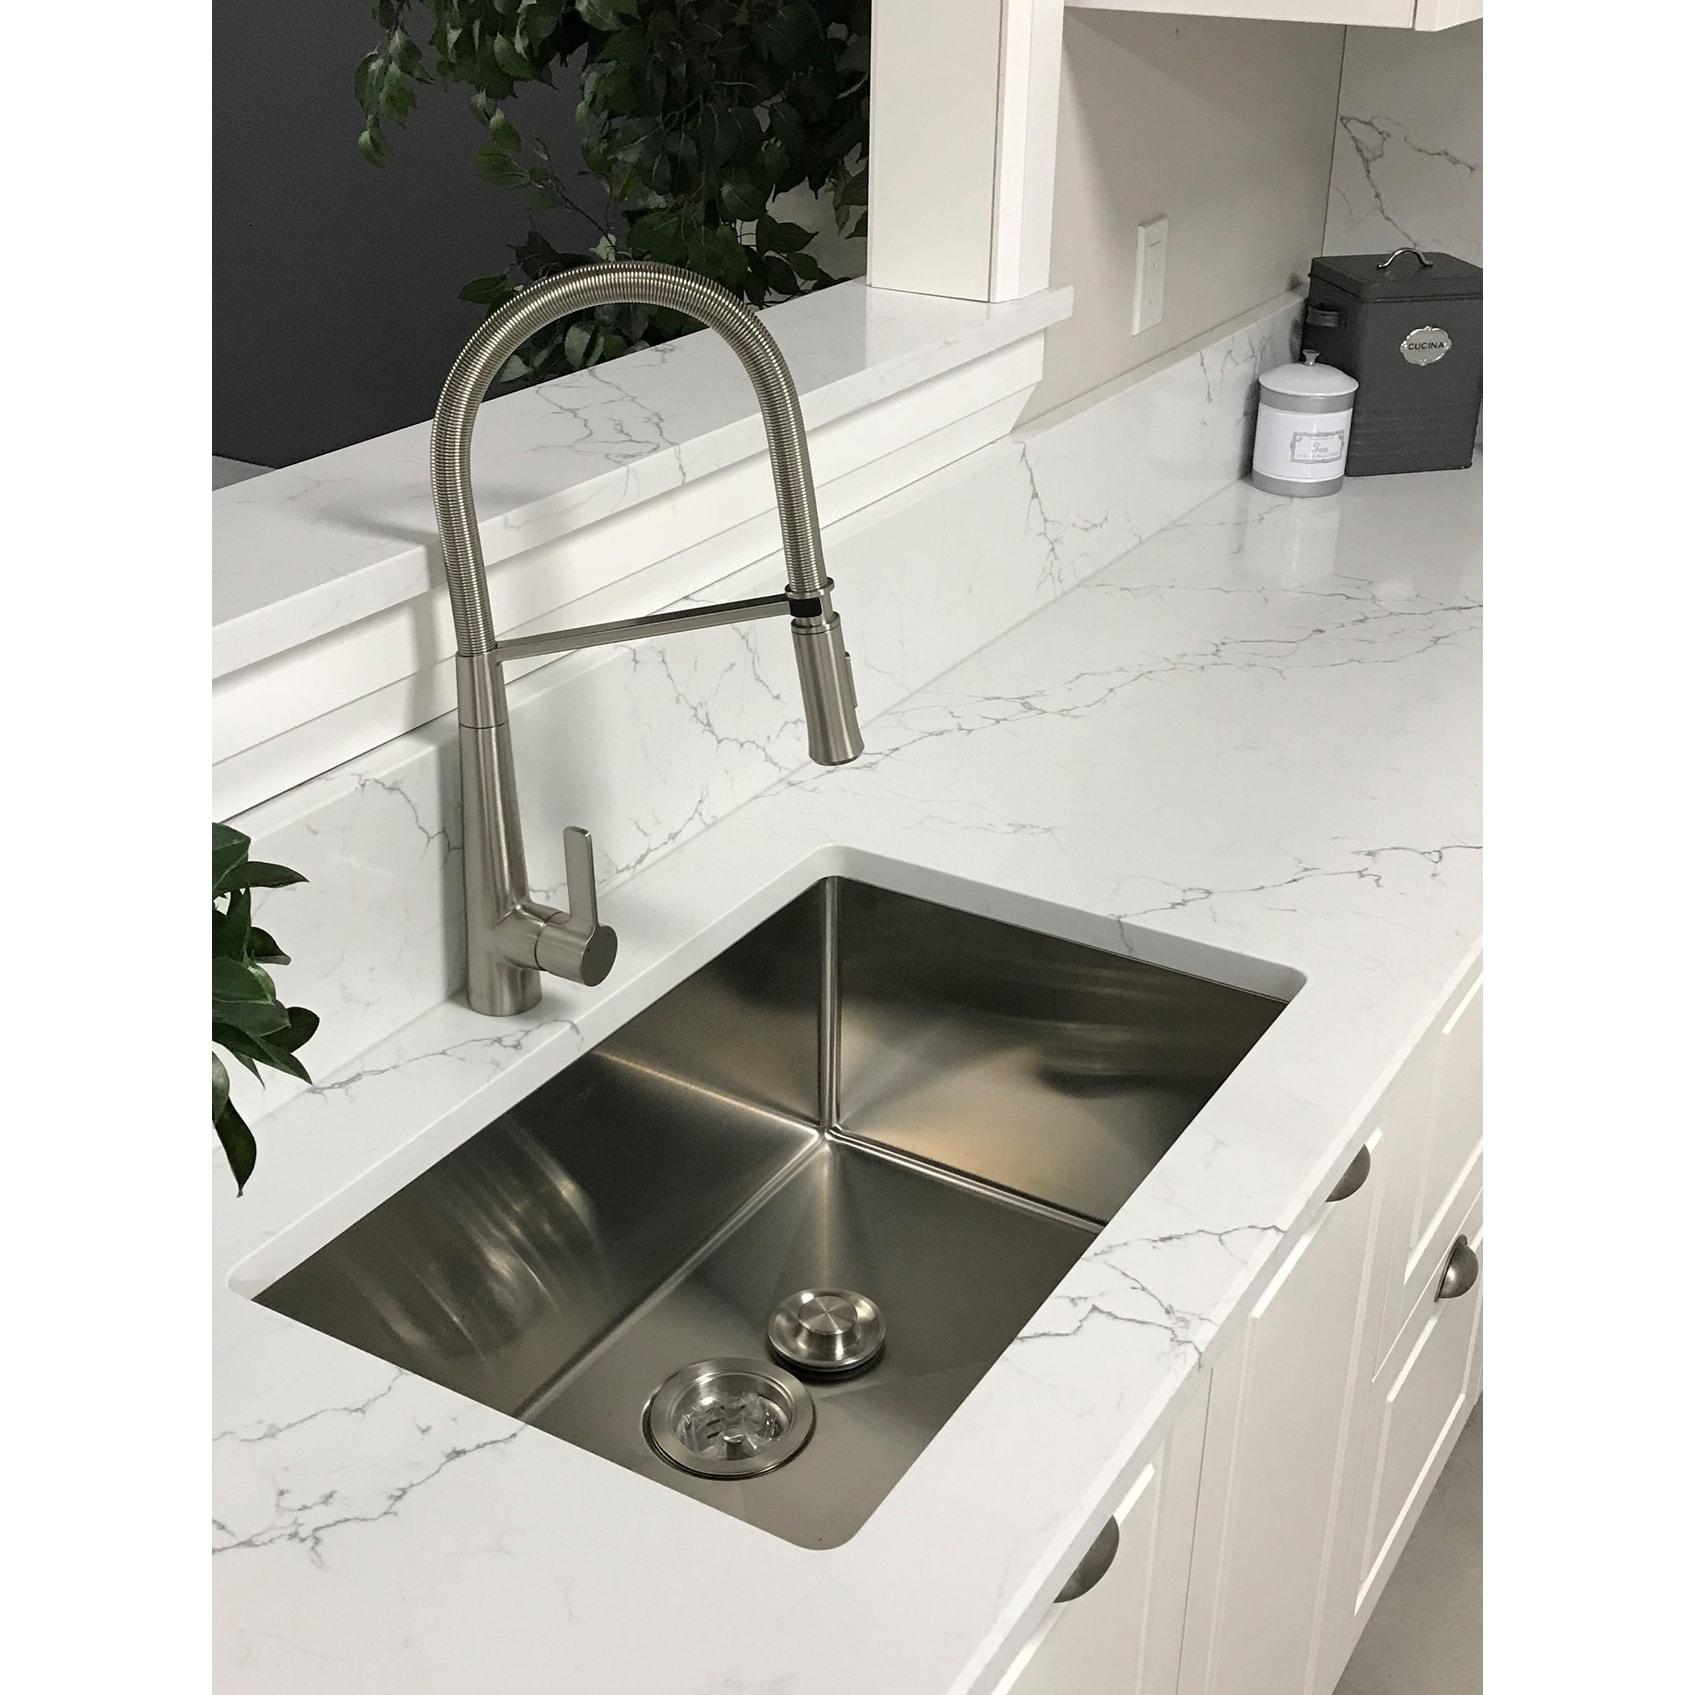 28 Inch Undermount Single Bowl Stainless Steel Kitchen Sink Luxury